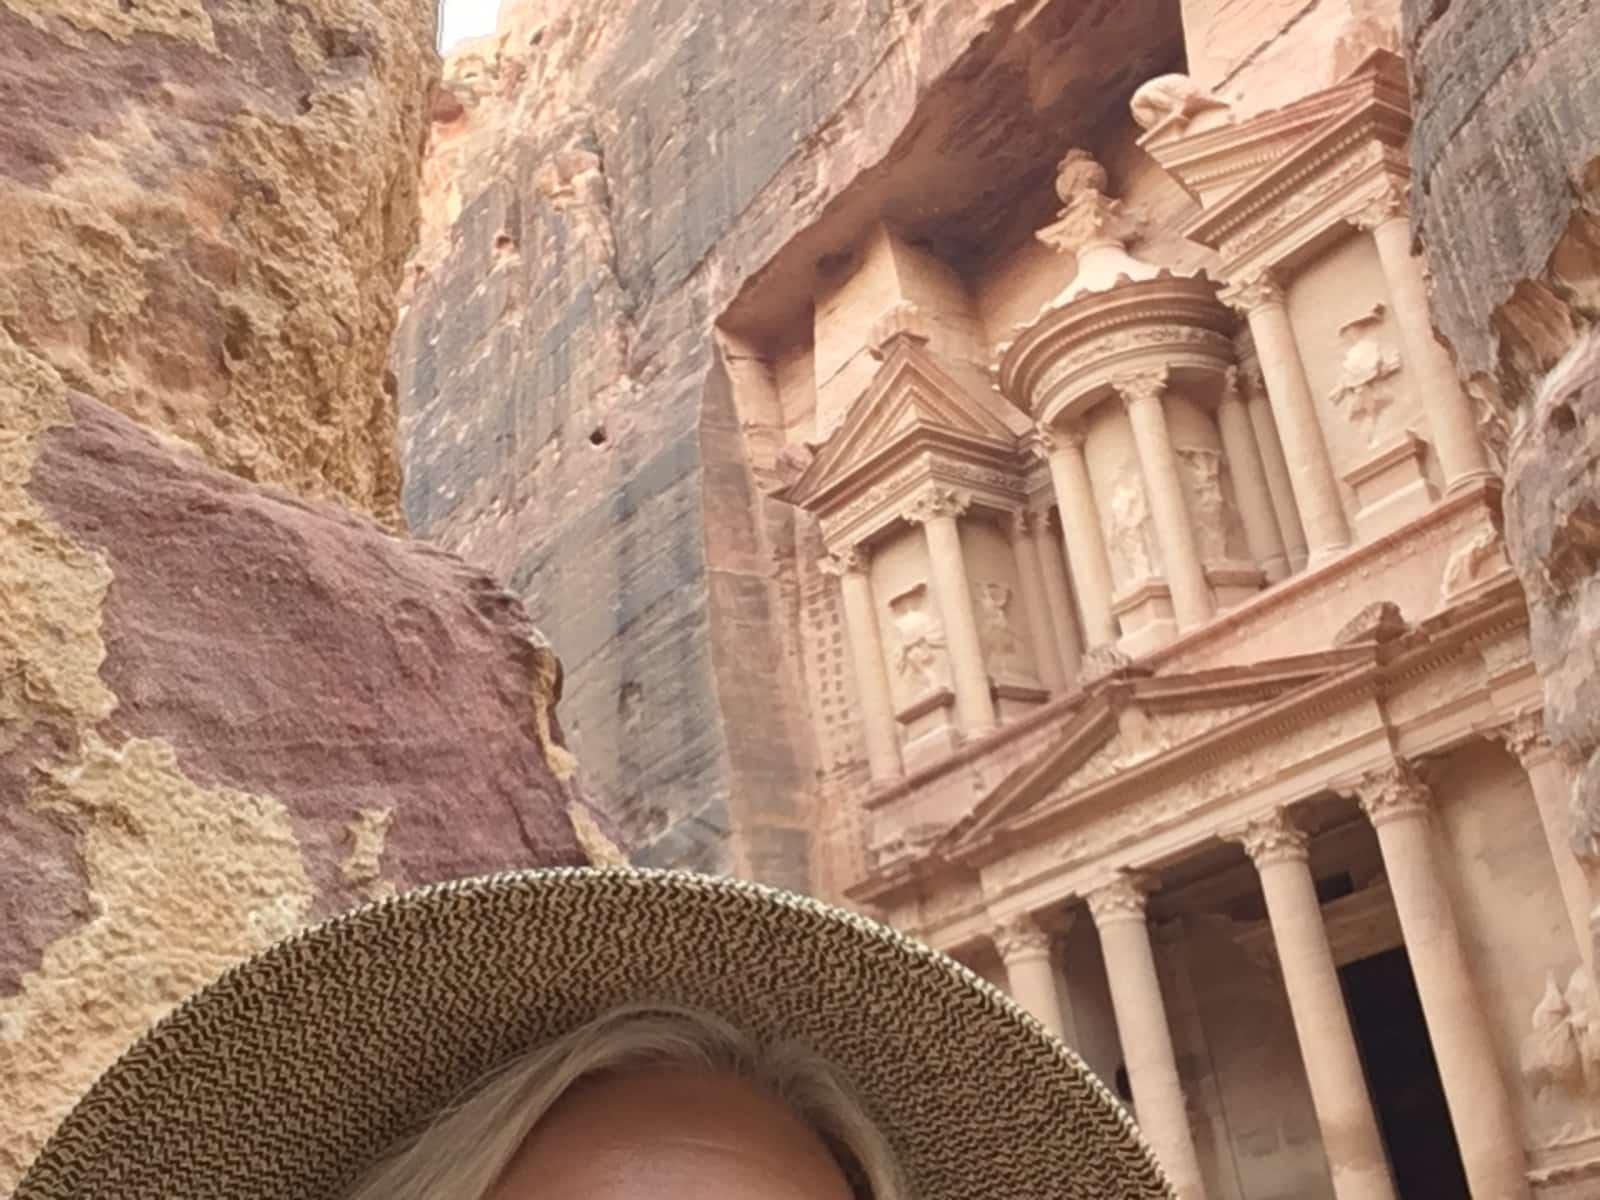 Pamela from Mesa, Arizona, United States